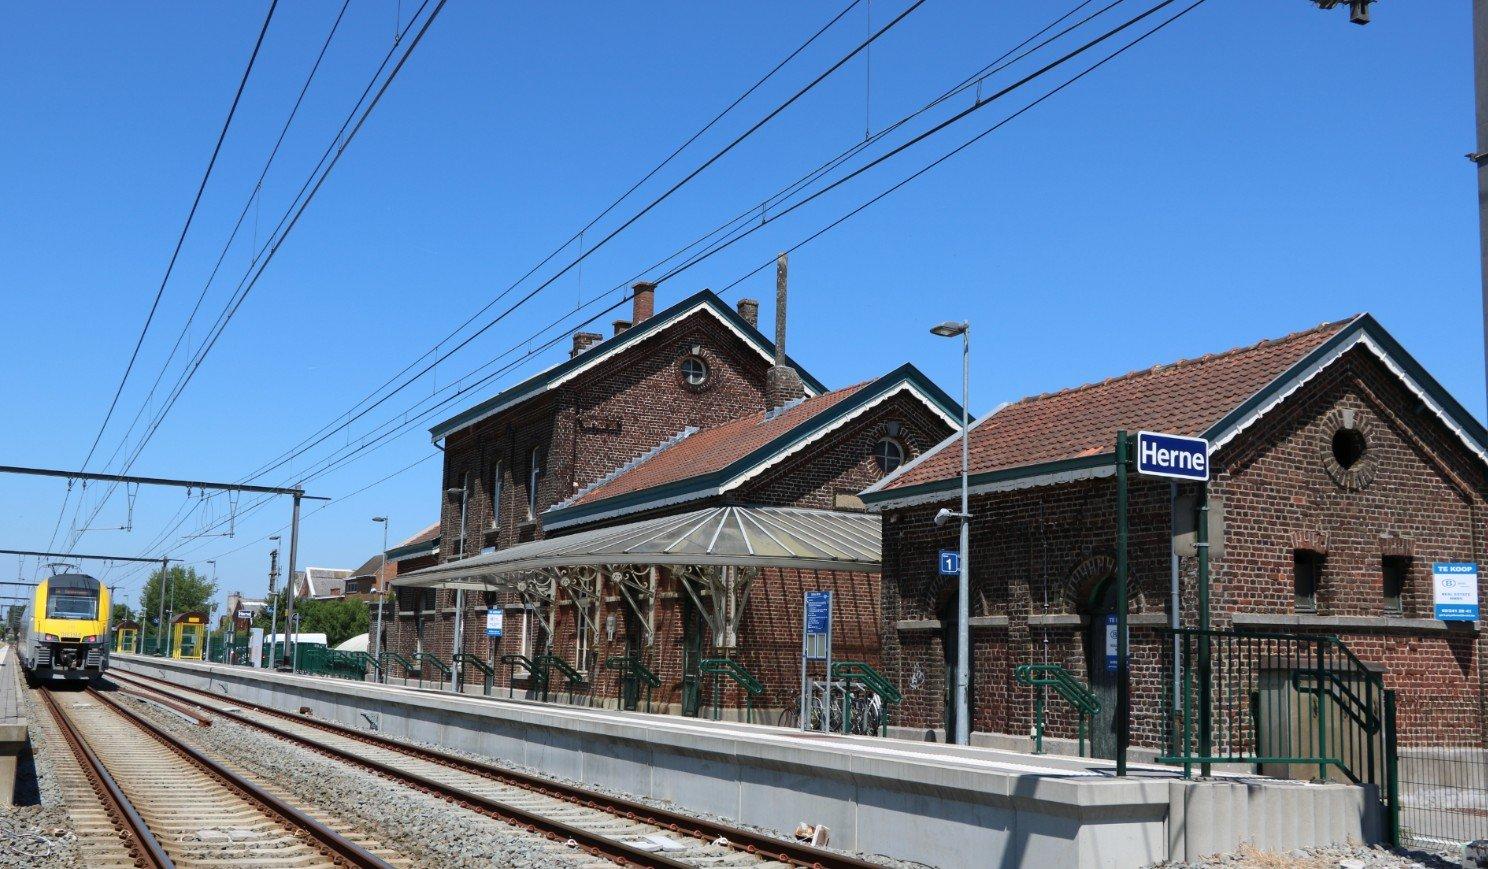 NMBS zoekt koper voor stationsgebouw van Herne - station herne nmbs